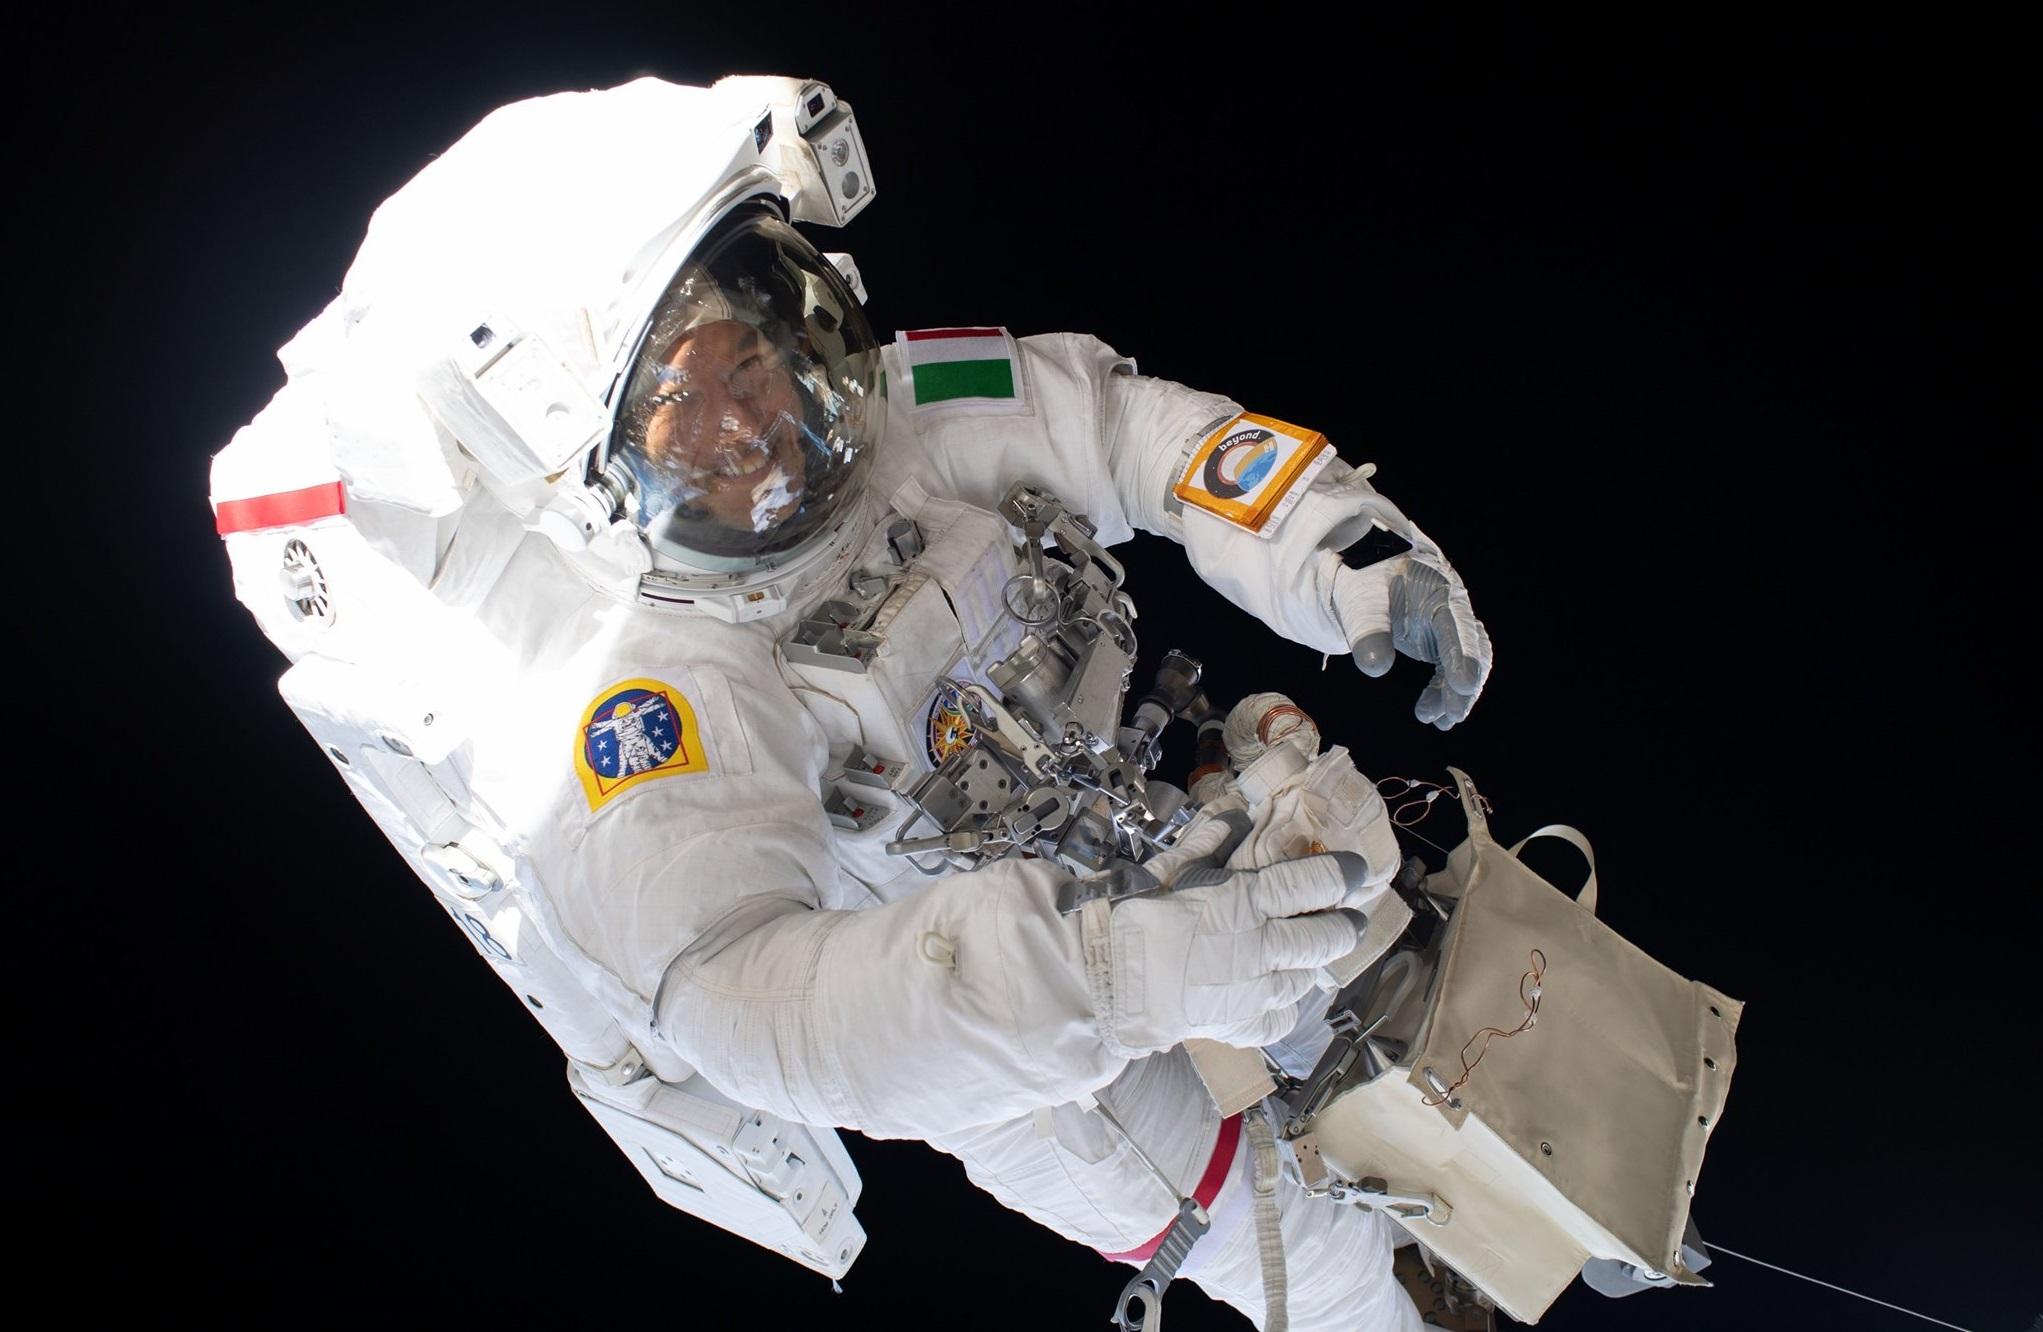 Luca Parmitano har återvänt till jorden